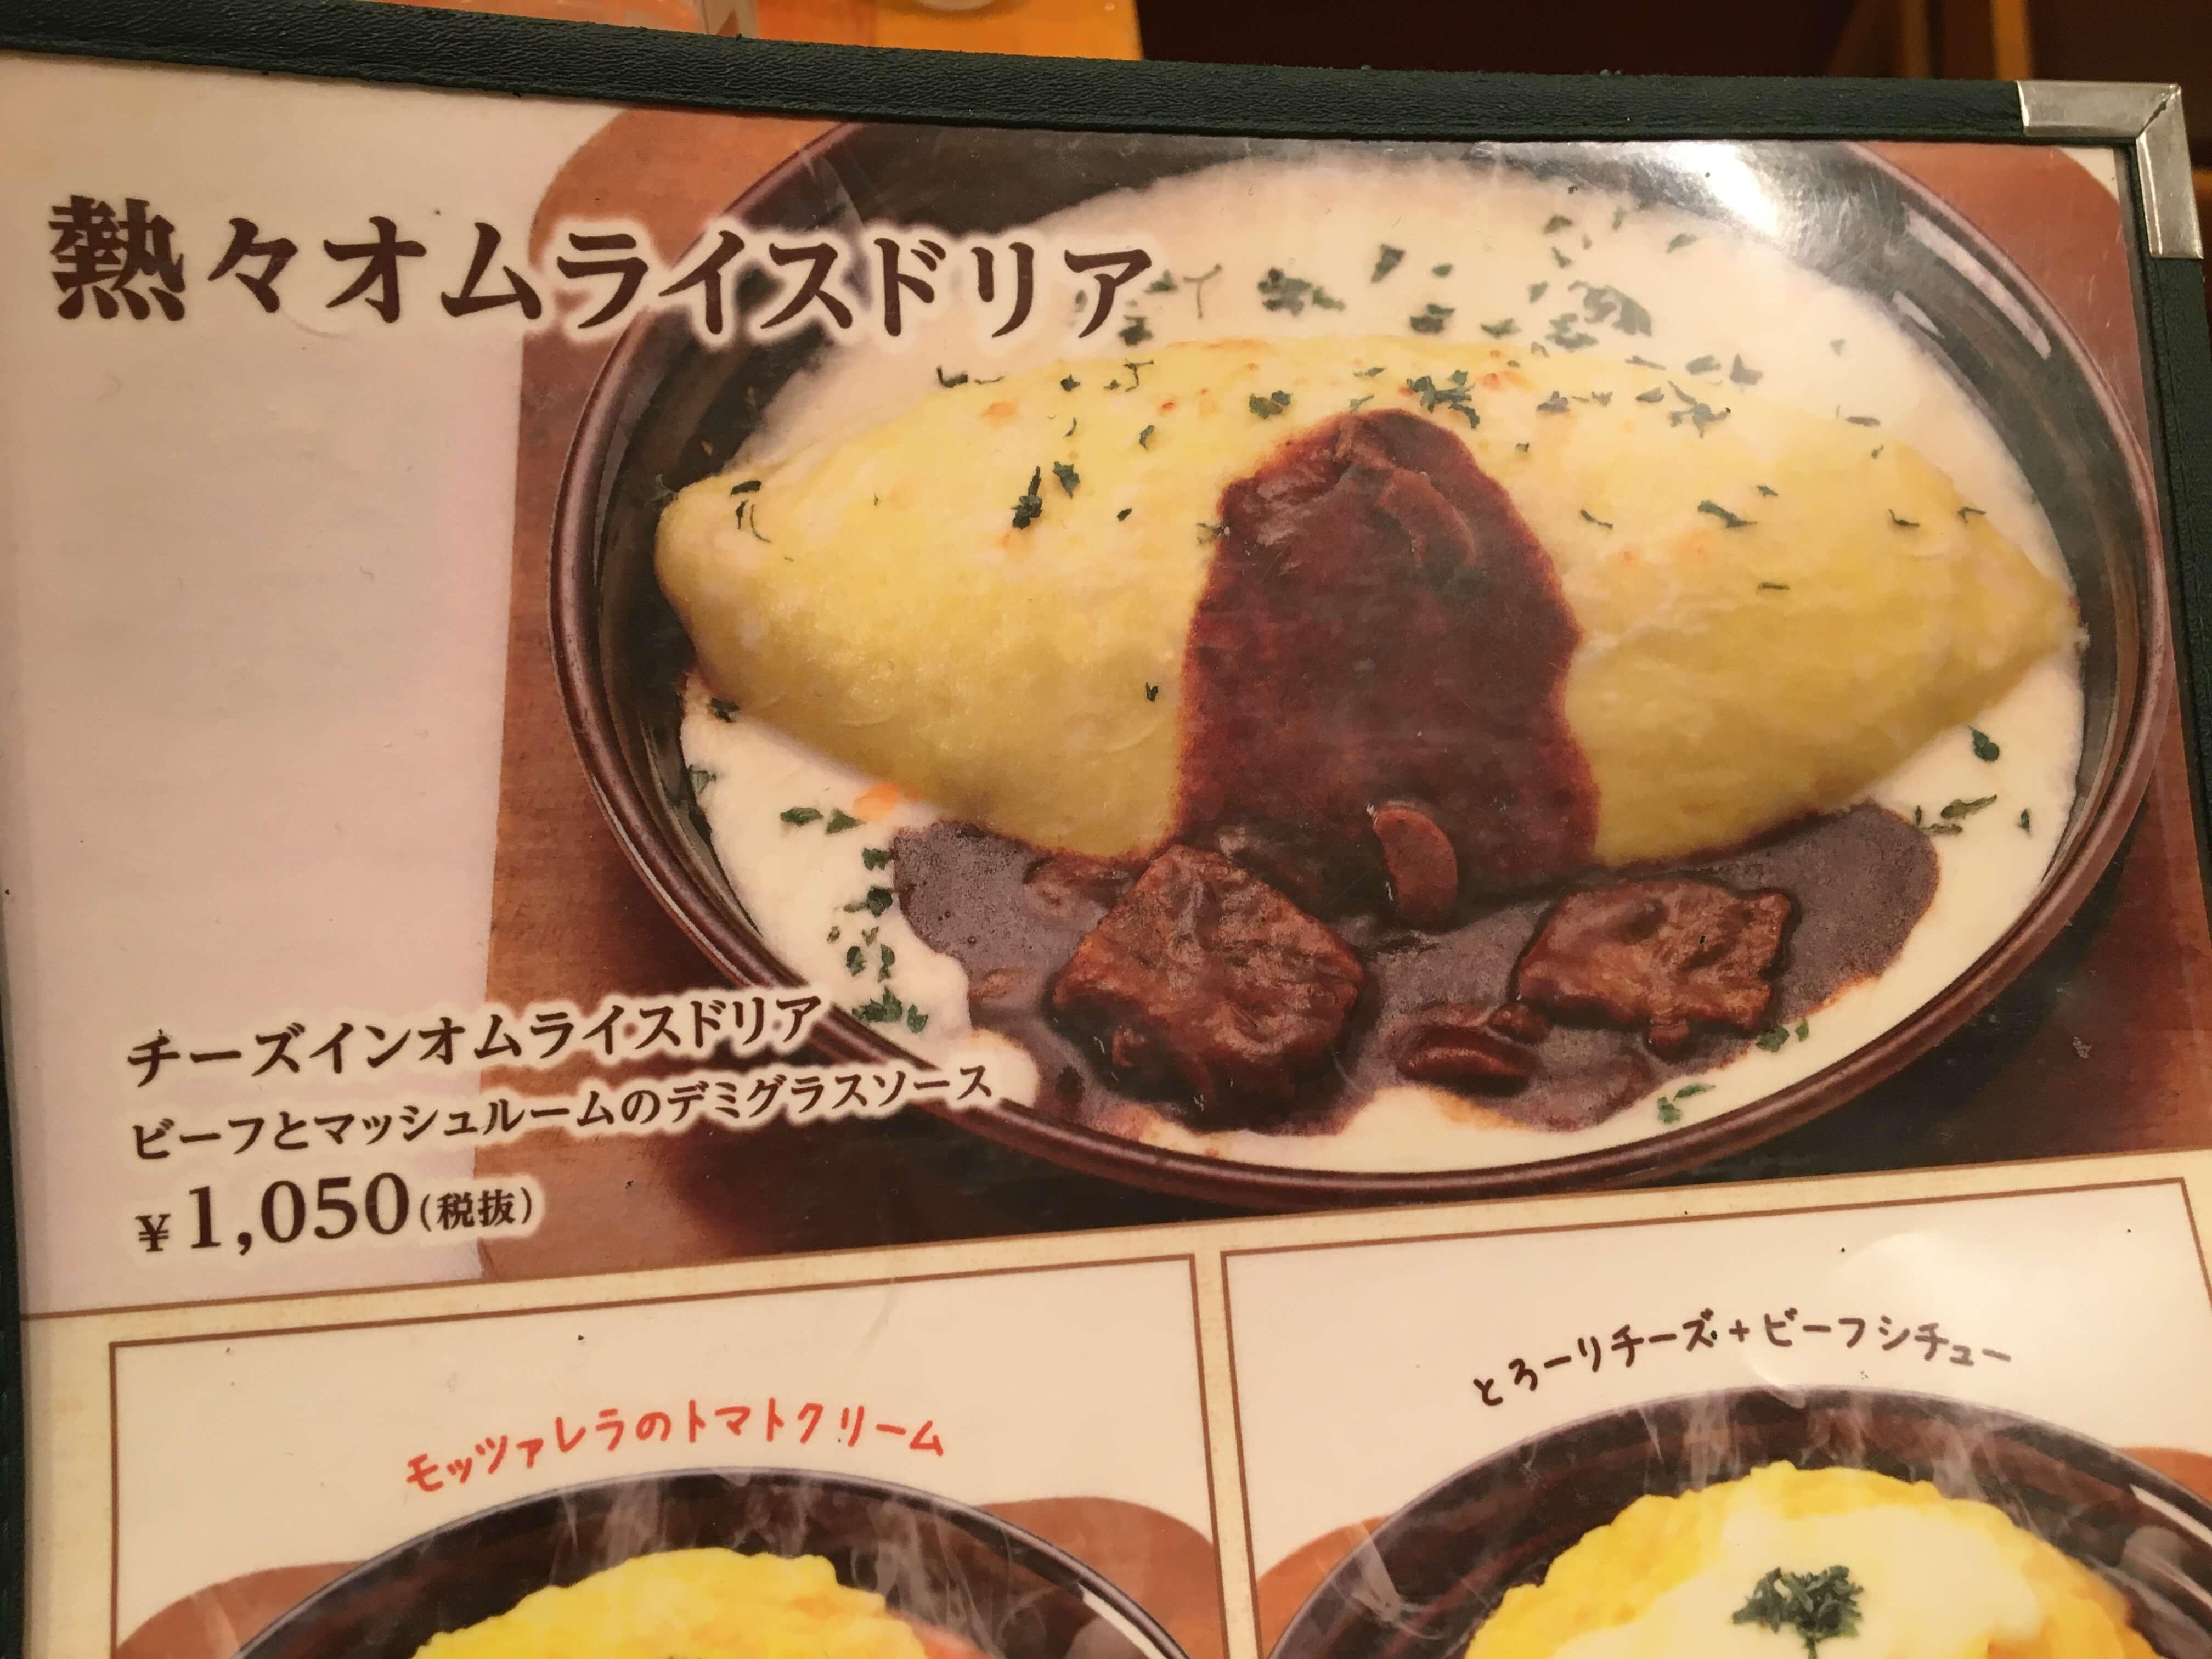 卵と私 札幌アピア店のメニュー(チーズインオムライスドリア)